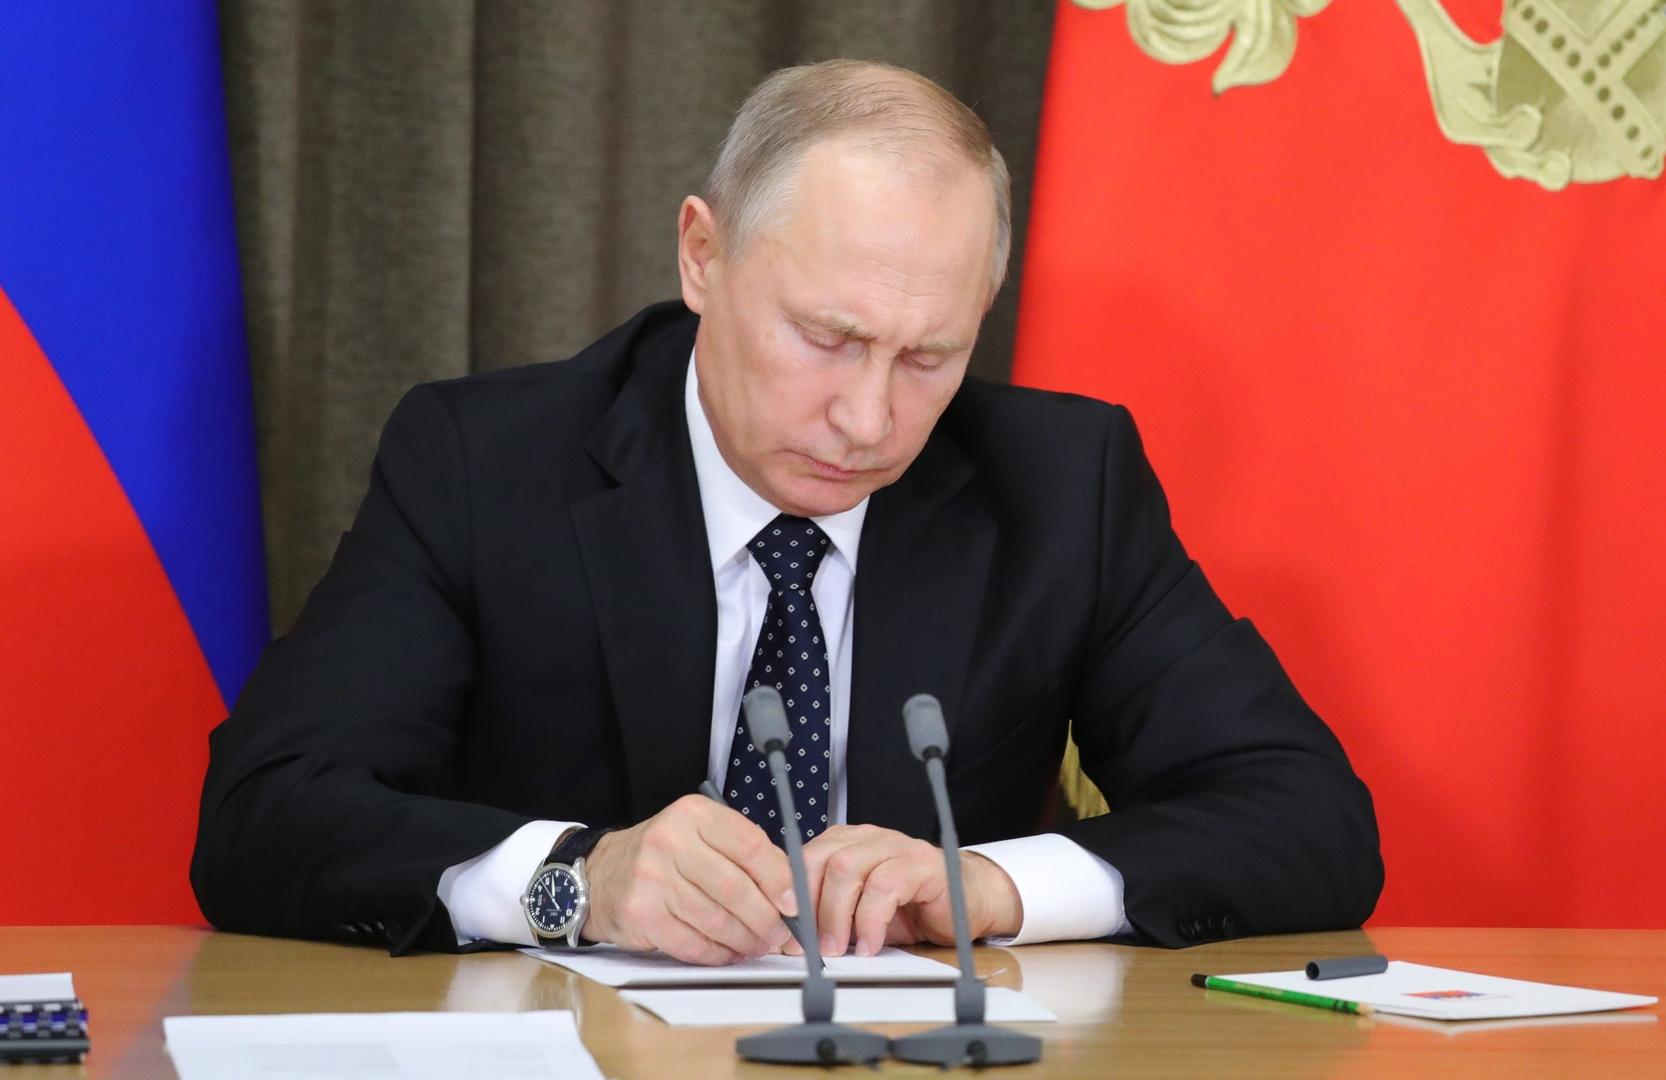 روسيا ترفع الحظر عن تسيير الرحلات الجوية إلى المنتجعات المصرية